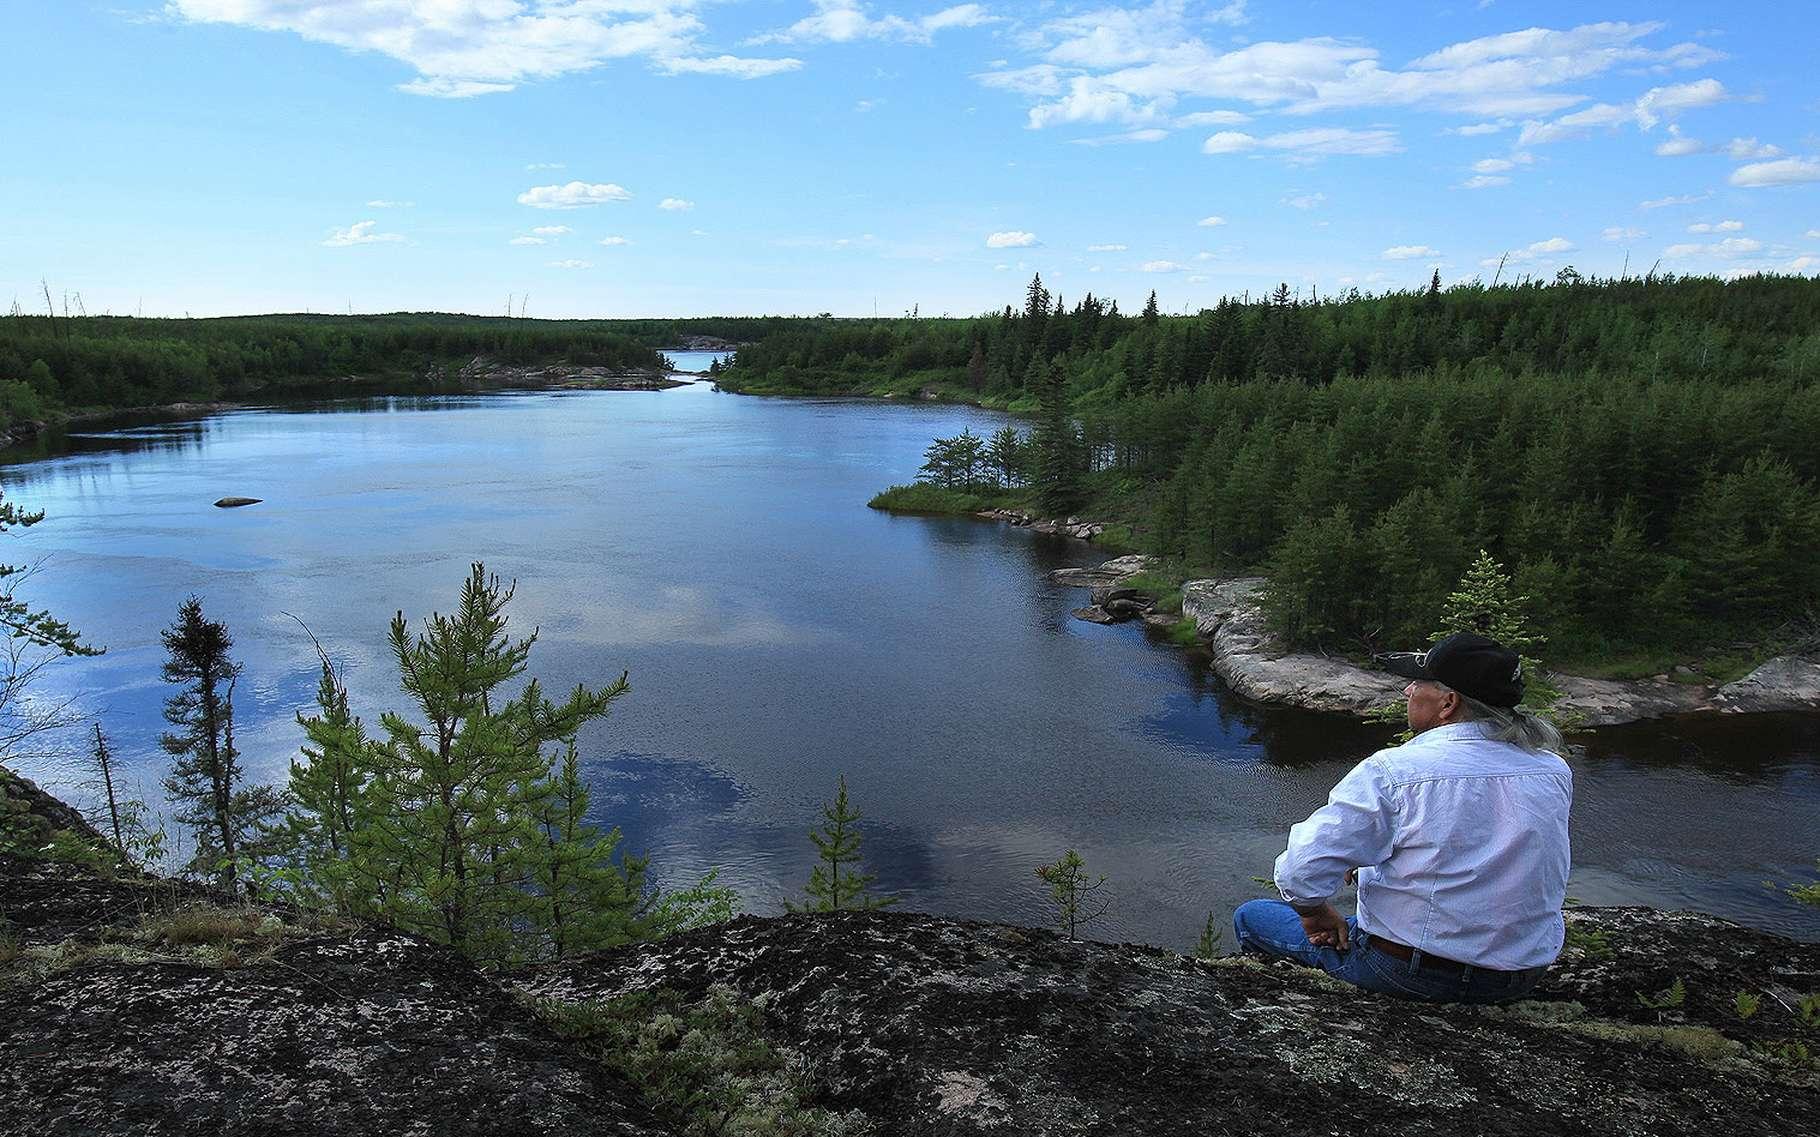 Canada : Paysage forestier traversé de rivières, émaillé de lacs, de zones humides et de forêts boréales, Pimachiowin Aki (« La Terre qui donne la vie ») fait partie des territoires ancestraux des Anishinaabeg, un peuple autochtone vivant de la pêche, de la chasse et de la cueillette. Il englobe des portions de territoires de quatre communautés Anishinaabeg (Bloodvein River, Little Grand Rapids, Pauingassi et Poplar River). Il s'agit d'un exemple exceptionnel de la tradition culturelle Ji-ganawendamang Gidakiiminaan (« garder la Terre ») qui consiste à honorer les dons du Créateur, respecter toute forme de vie et maintenir des relations harmonieuses avec autrui. Cette tradition se matérialise dans le paysage par un réseau complexe de sites de subsistance, de sites d'habitation, de routes et de sites cérémoniels, généralement reliés par des voies navigables.Situé à cheval entre les provinces du Manitoba et de l'Ontario, Pimachiowin Aki s'étend sur un peu moins d'un quart des territoires occupés par les quatre Premières nations Anishinaabeg. Leur vision de l'univers dote les éléments du monde naturel d'une vie propre et donne ainsi un sens à l'existence humaine sur ces terres occupées par leurs ancêtres autochtones il y a 7.000 ans. C'est « un pays où Anishinaabeg et tous les autres êtres sont compris et protégés comme un seul. »Au cœur du bouclier boréal nord‑américain, le paysage forestier est traversé de rivières, émaillé de lacs et de zones humides. Il s'étend sur 2,9 millions d'hectares. Pimachiowin Aki abrite une diversité exceptionnelle d'écosystèmes terrestres et d'eau douce. Cet environnement offre les conditions adéquates aux espèces boréales caractéristiques comme le caribou des bois, l'orignal, le loup, le carcajou, l'esturgeon jaune, la grenouille léopard, le huart à collier et la paruline du Canada. Les incendies sauvages, dans leurs processus écologiques essentiels et naturels ont aussi contribué à maintenir cette impressionnante biodiversité et continu